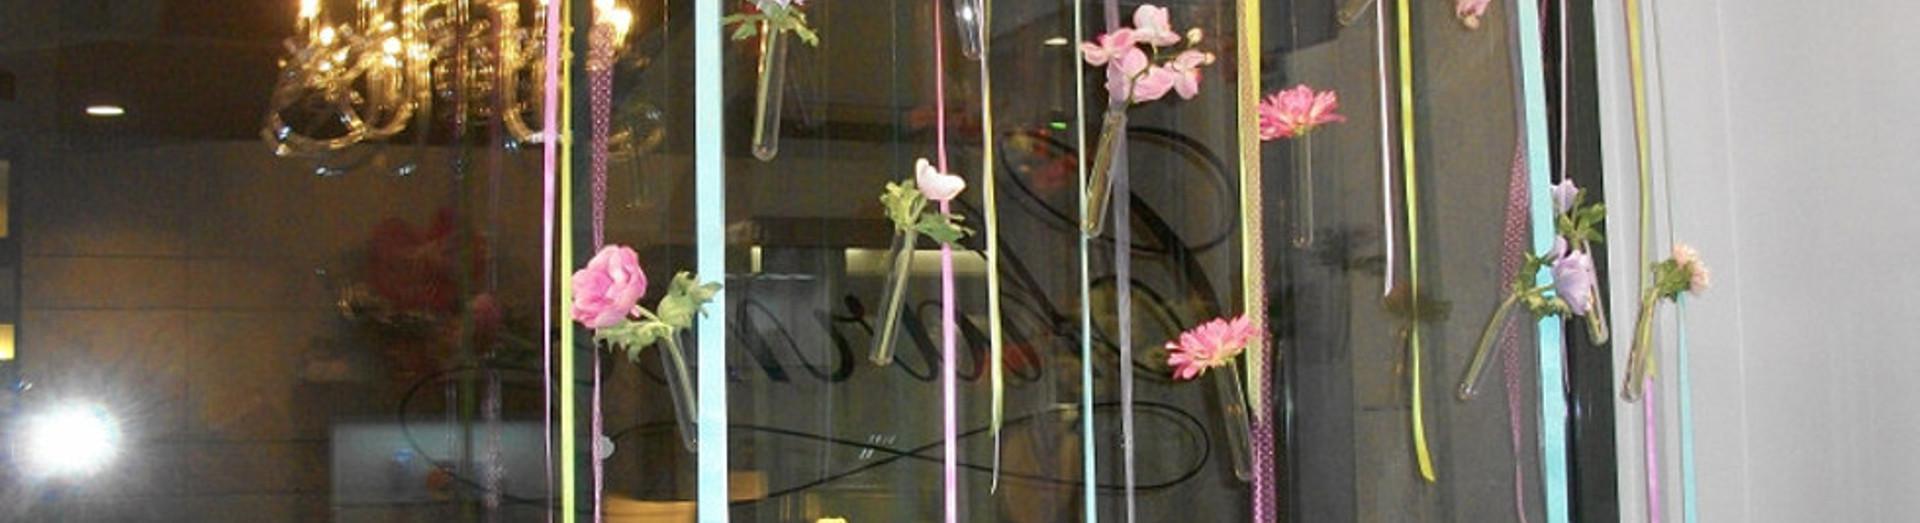 una vetrina con dei nastri colorati e decorazioni con dei fiori